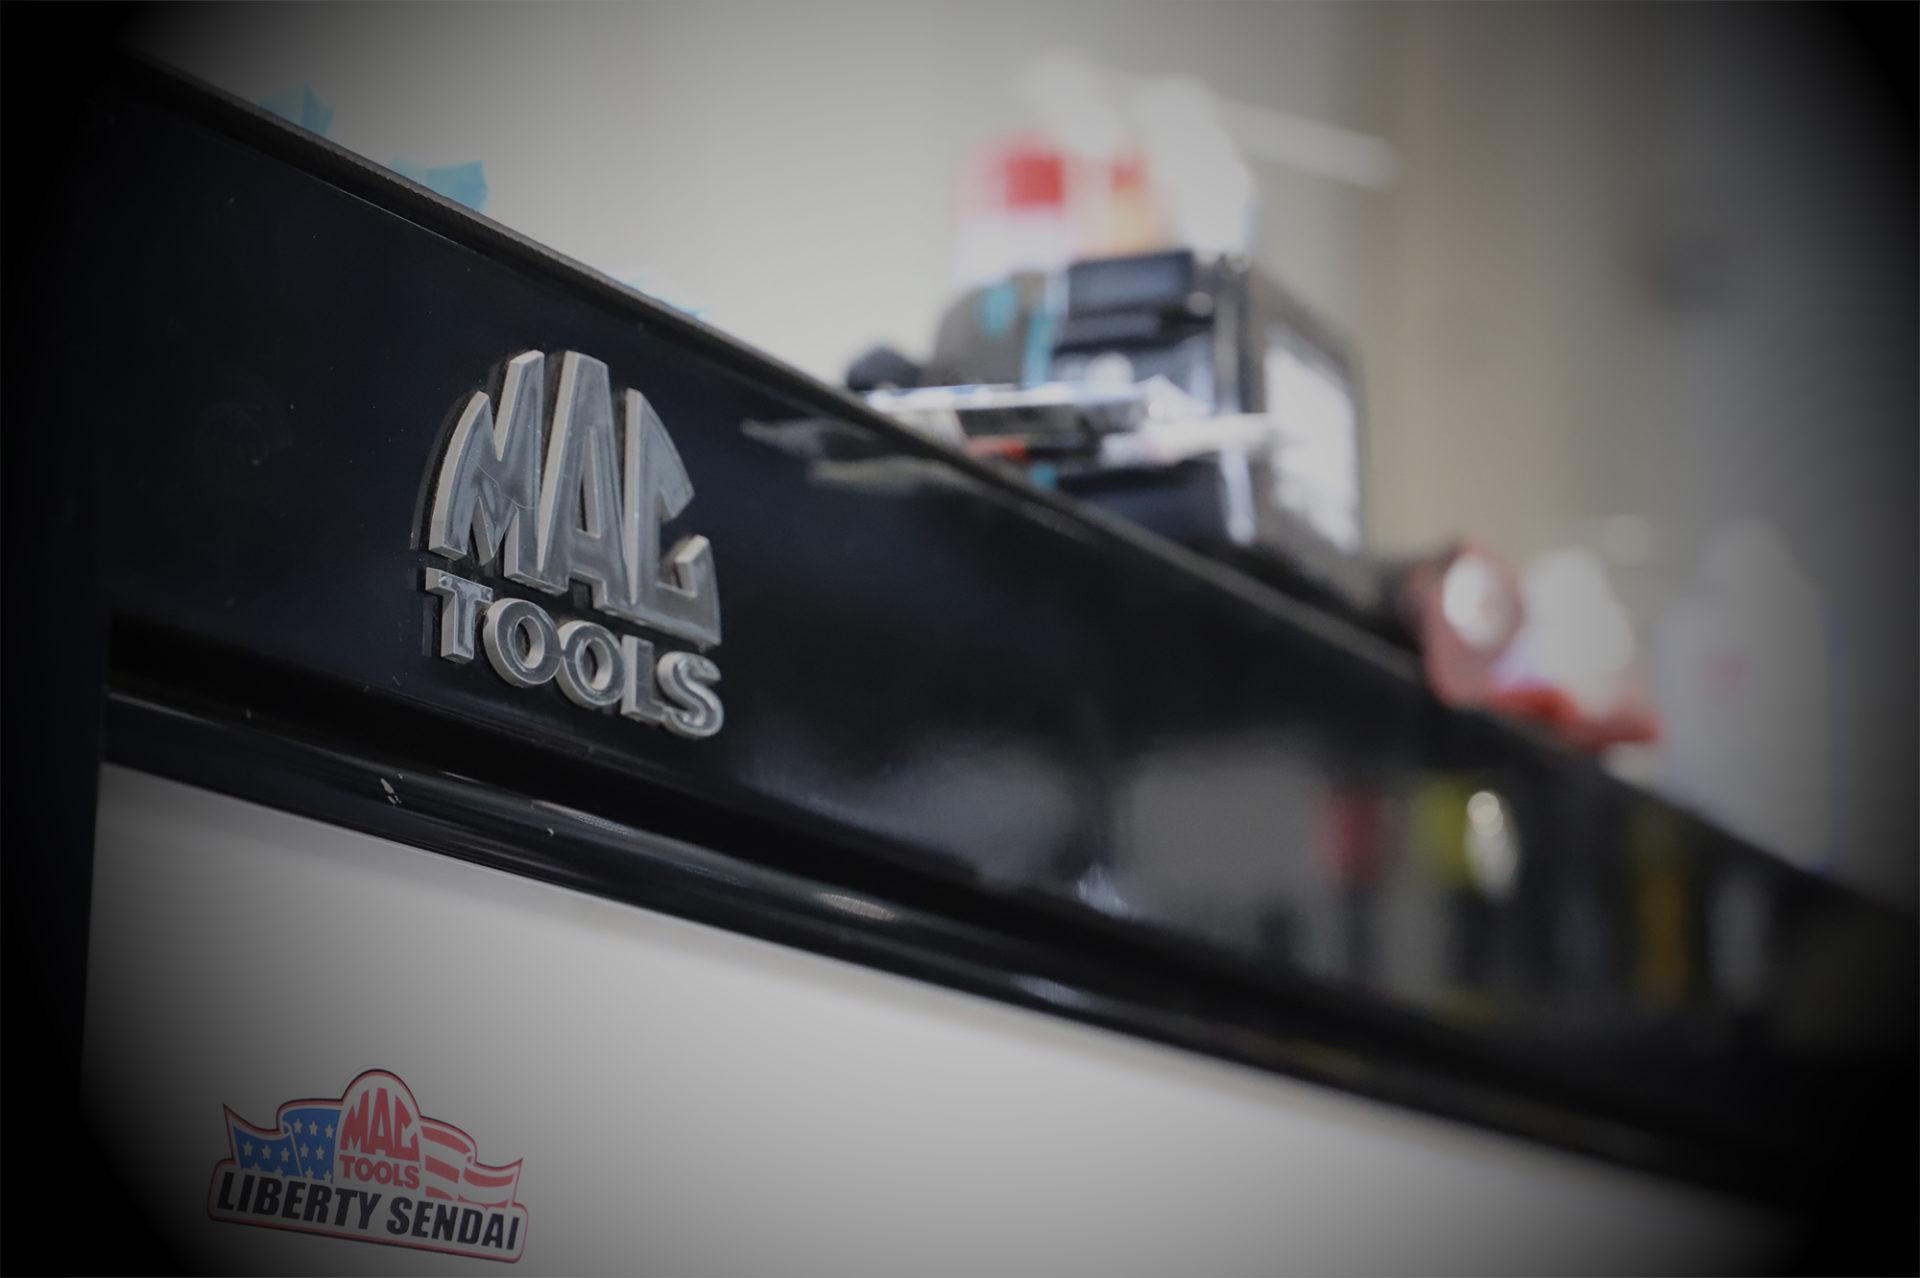 ハイラックス専門店カージャパントミーが全車に行う必須メンテナンス118